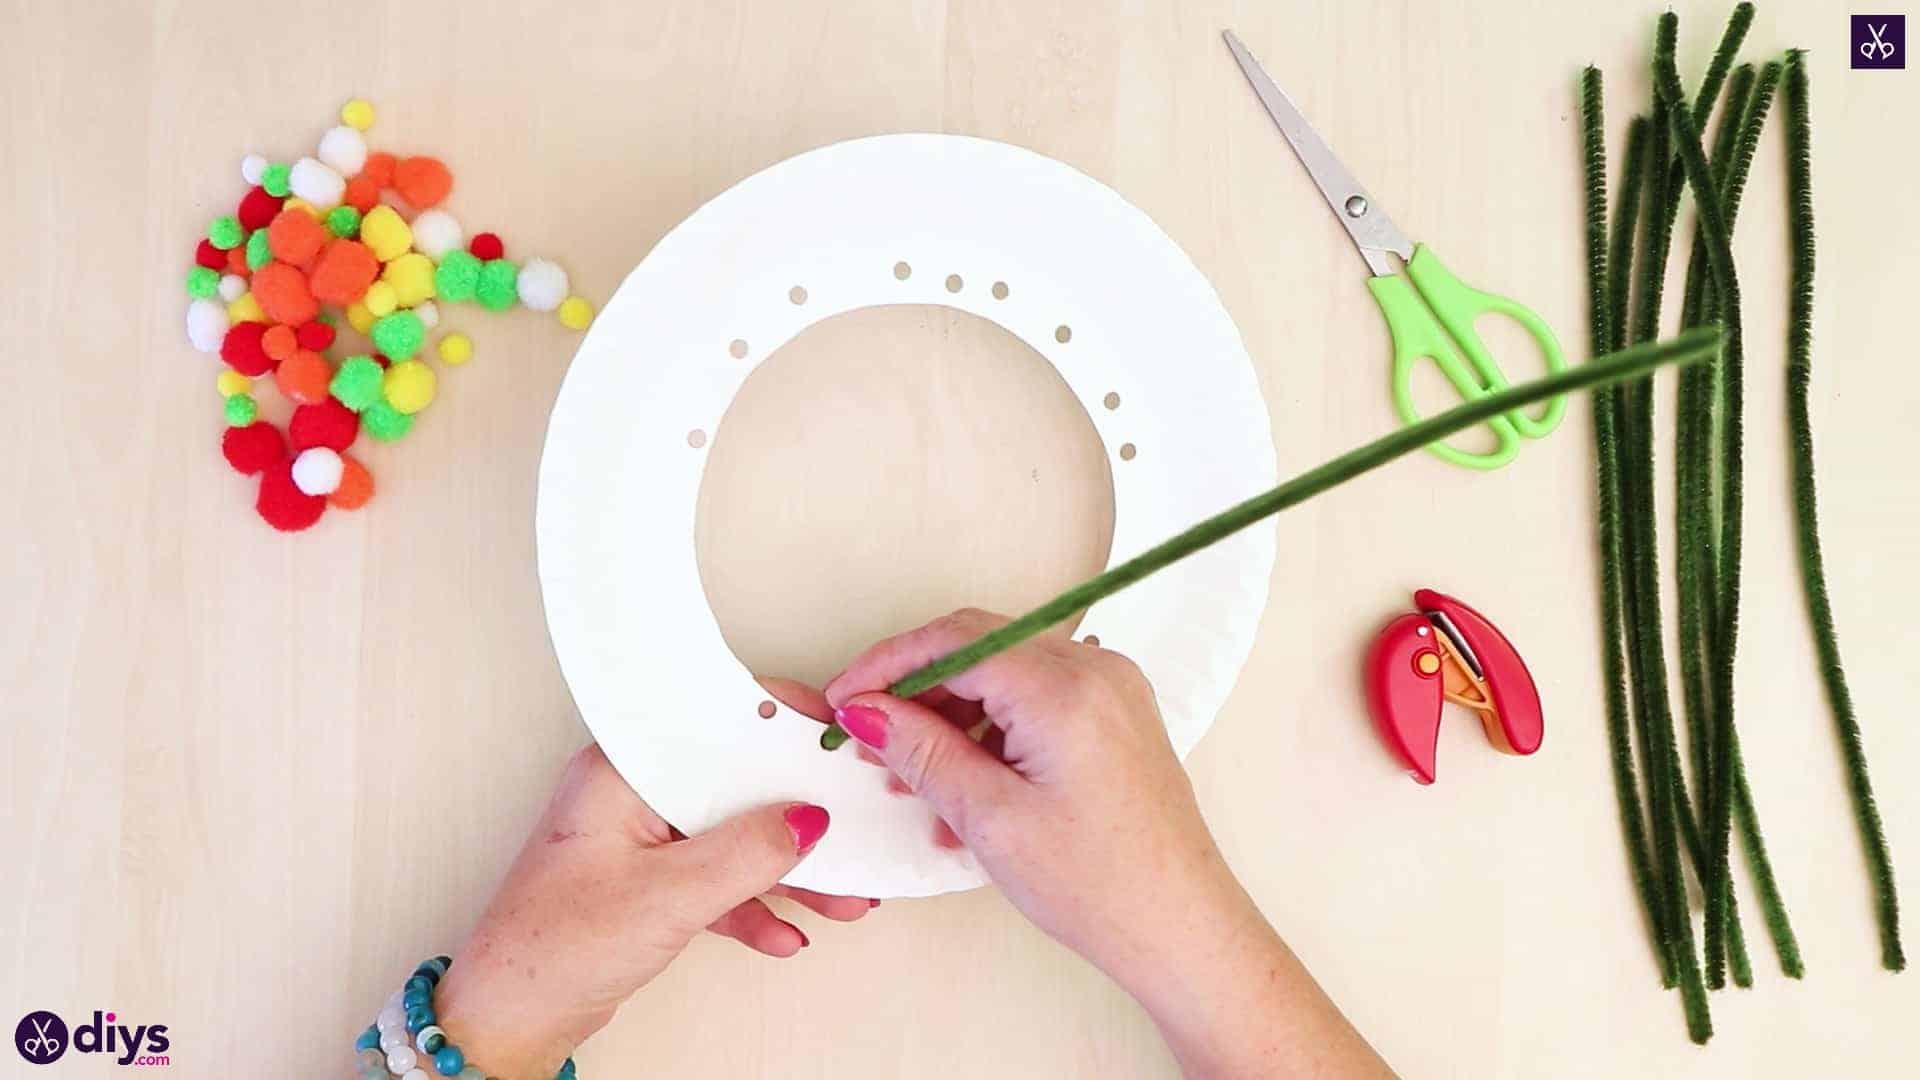 Diy paper plate tree art step 4